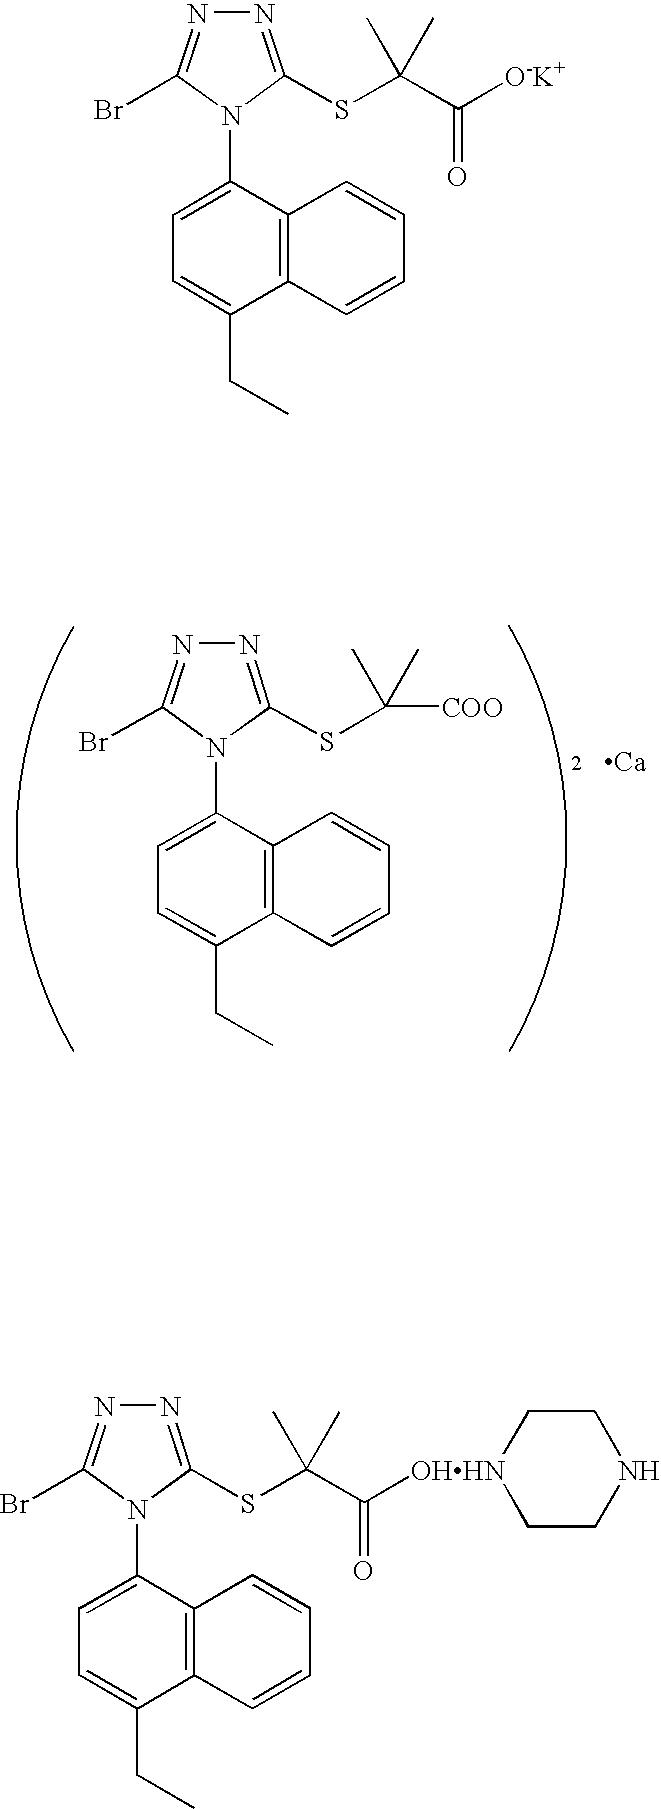 Figure US08242154-20120814-C00075